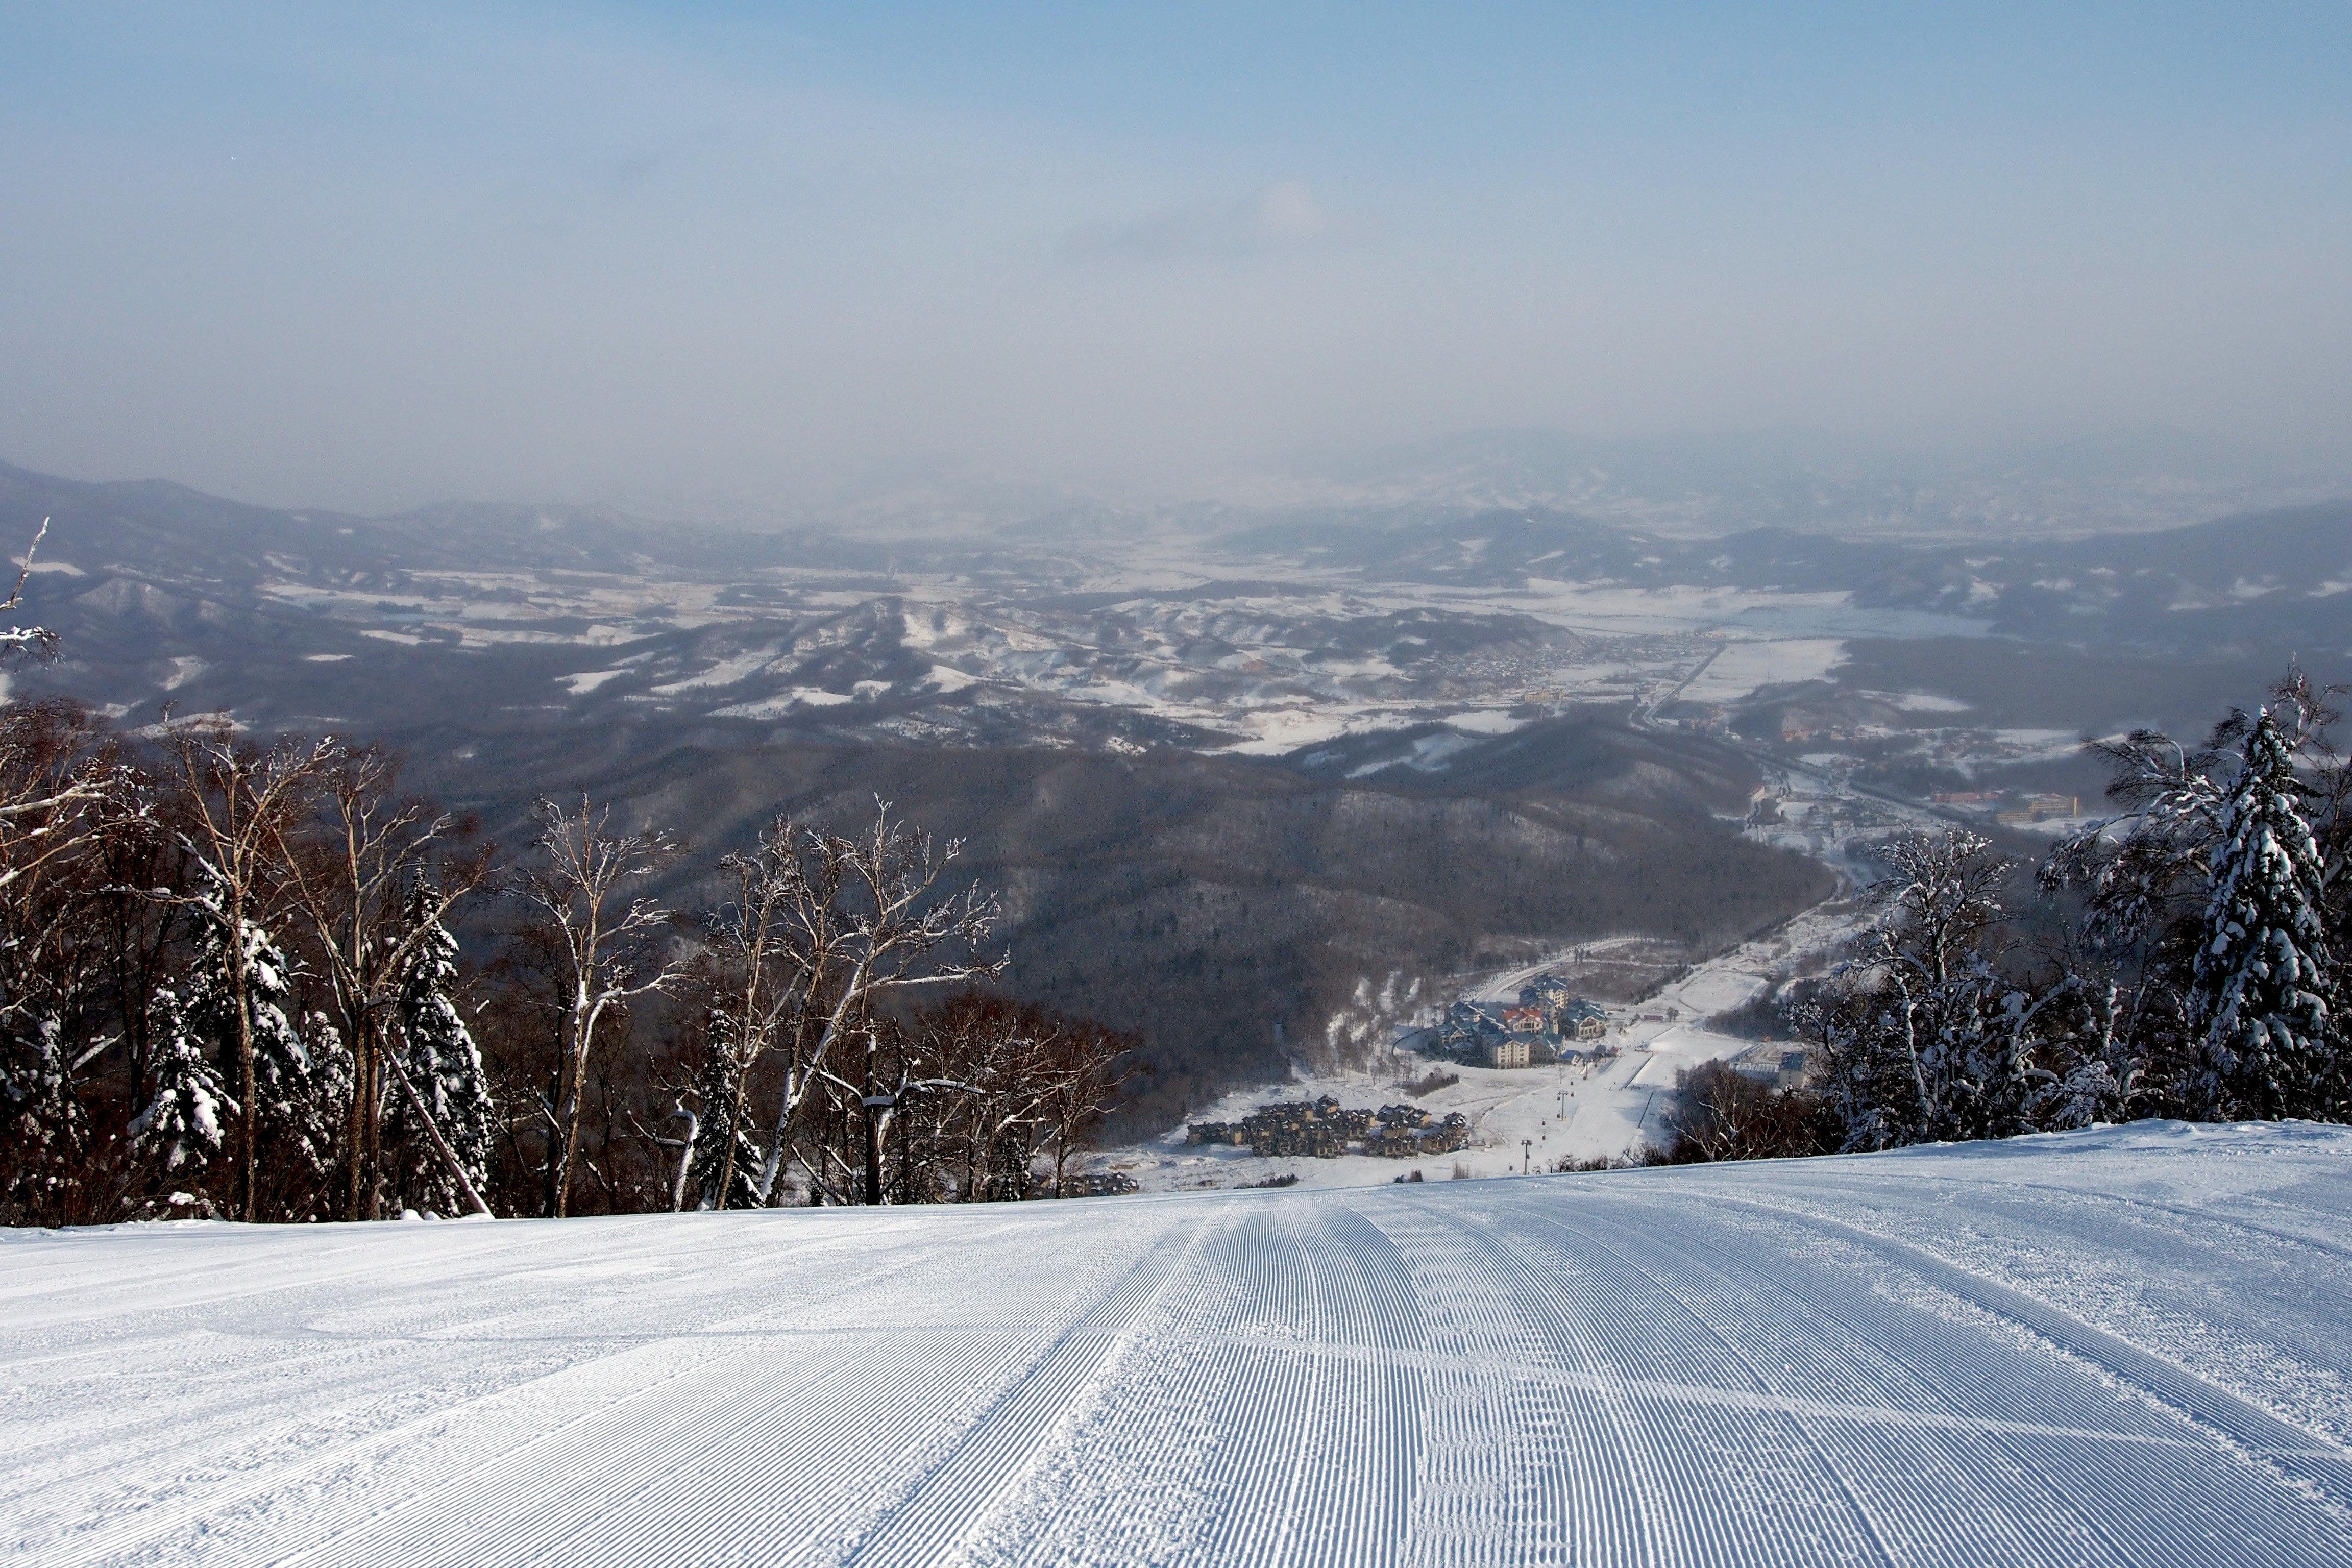 亞布力滑雪旅遊度假區+中國雪鄉+夢幻家園二日游(哈爾濱出發:一單一團,買大送小,贈雪鏡)